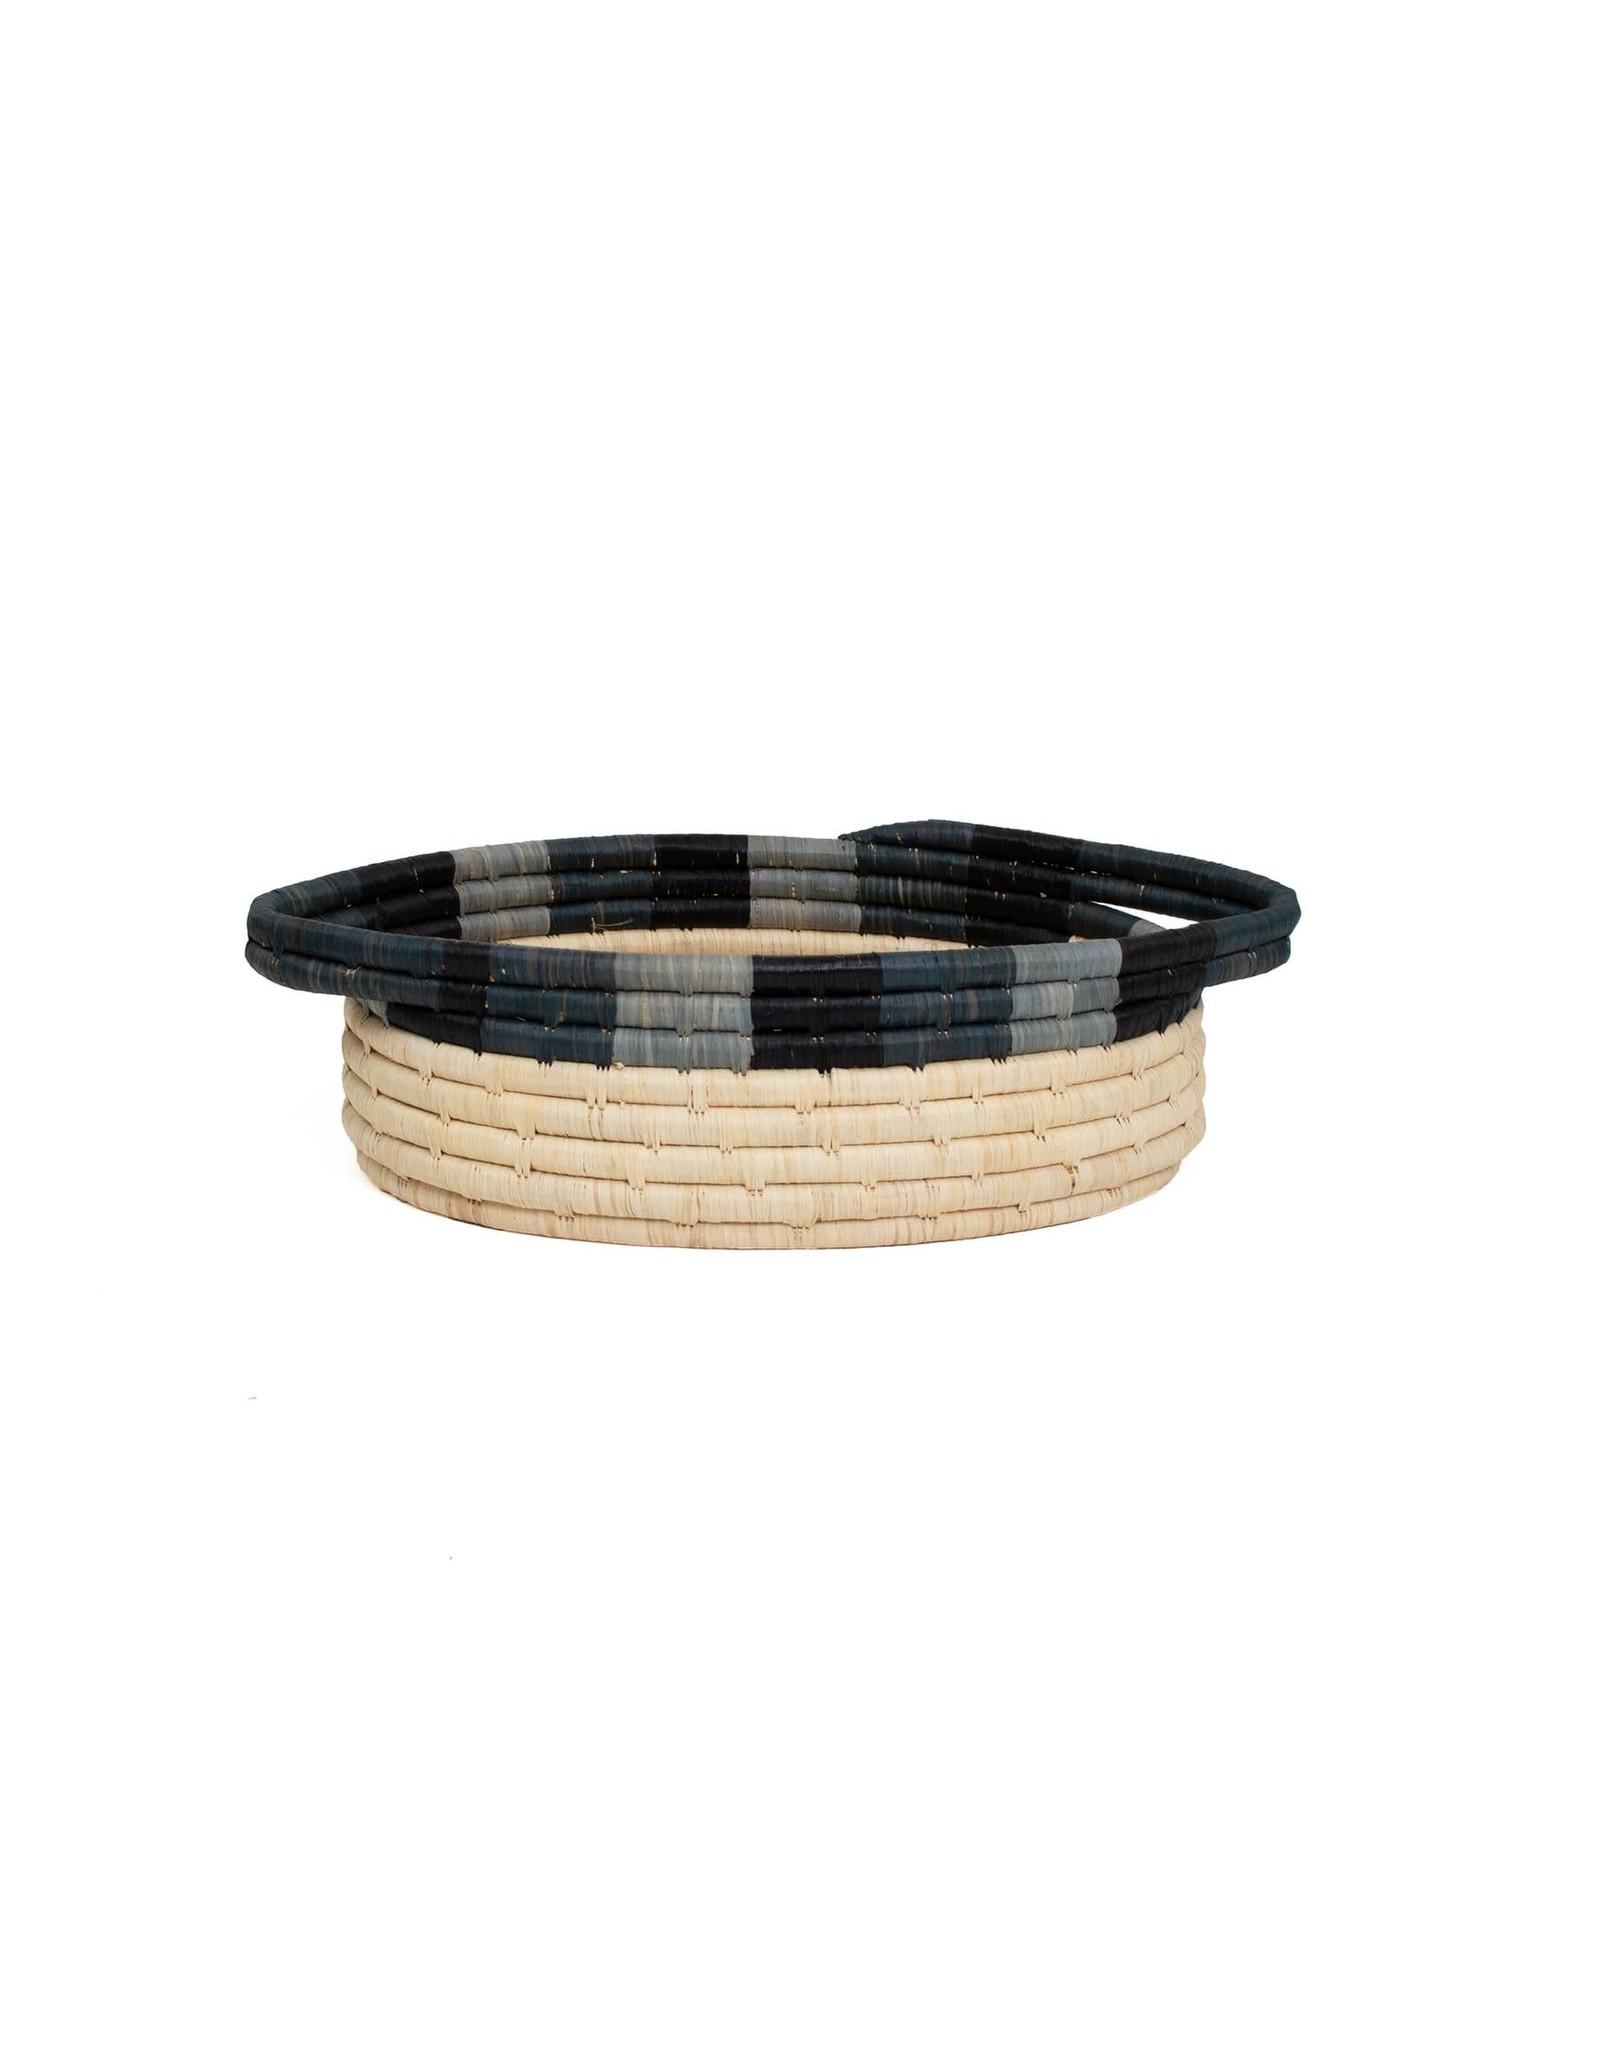 Opal Oval Basket